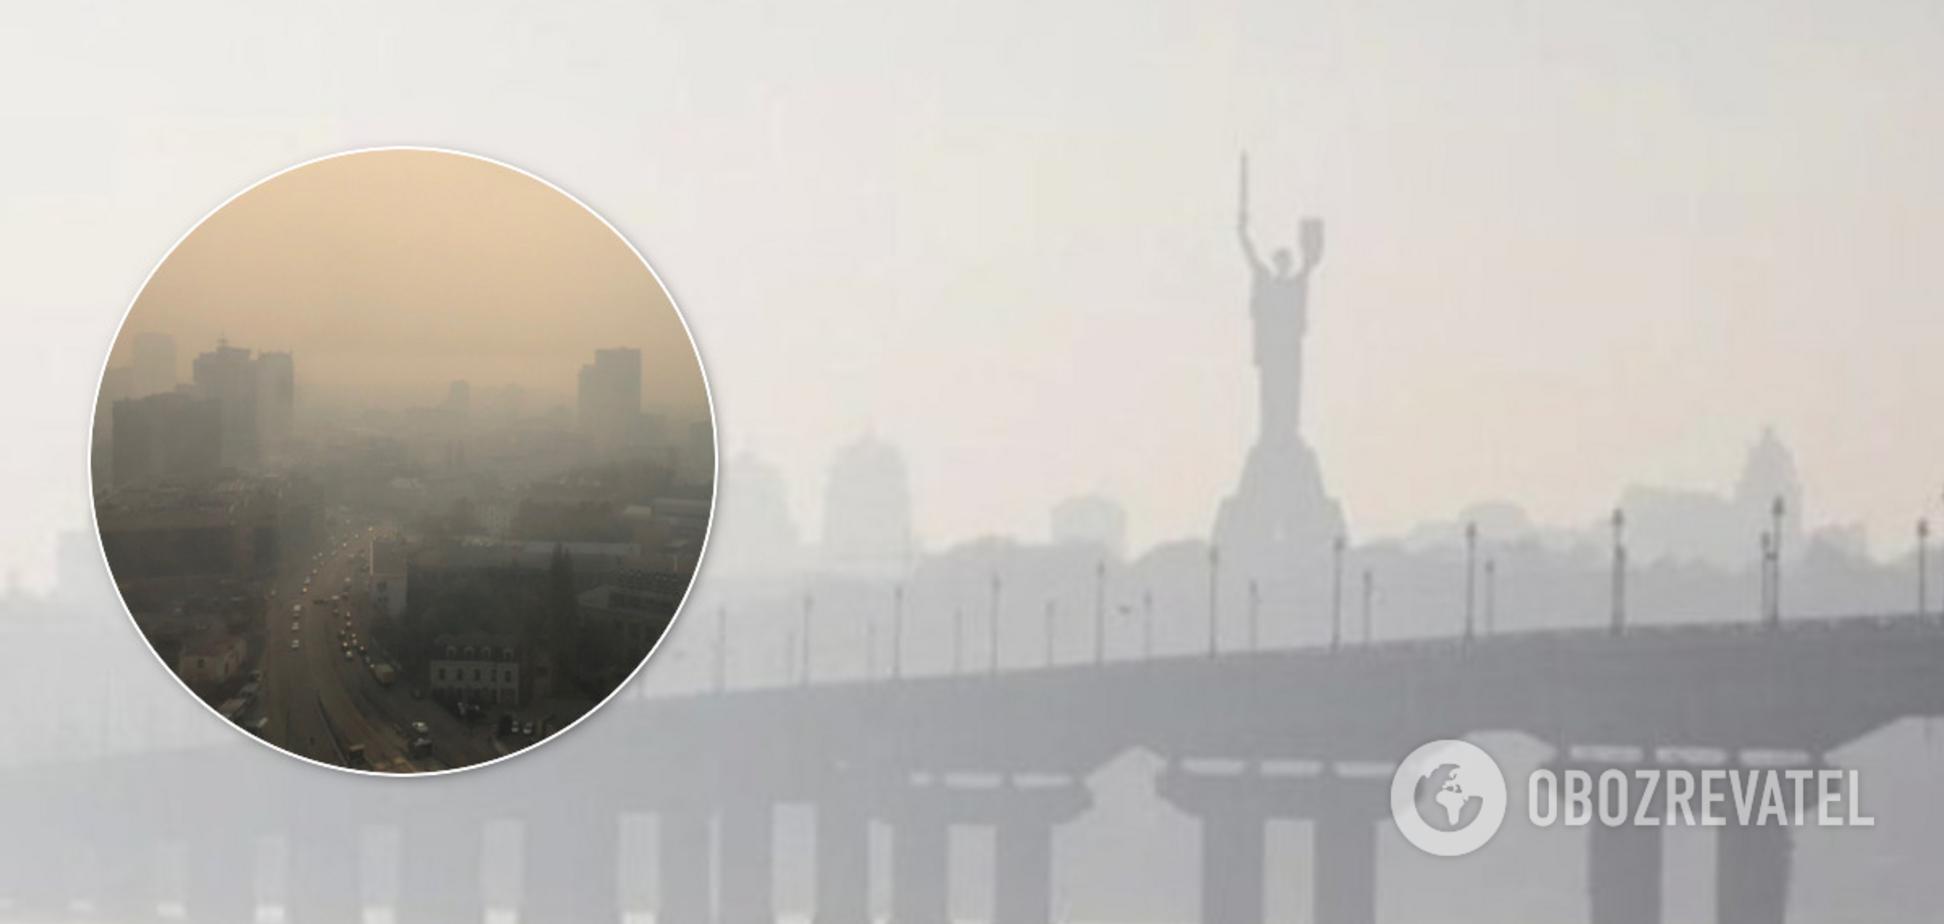 Повітря у Києві знову найбрудніше у світі: здоров'я українців під загрозою